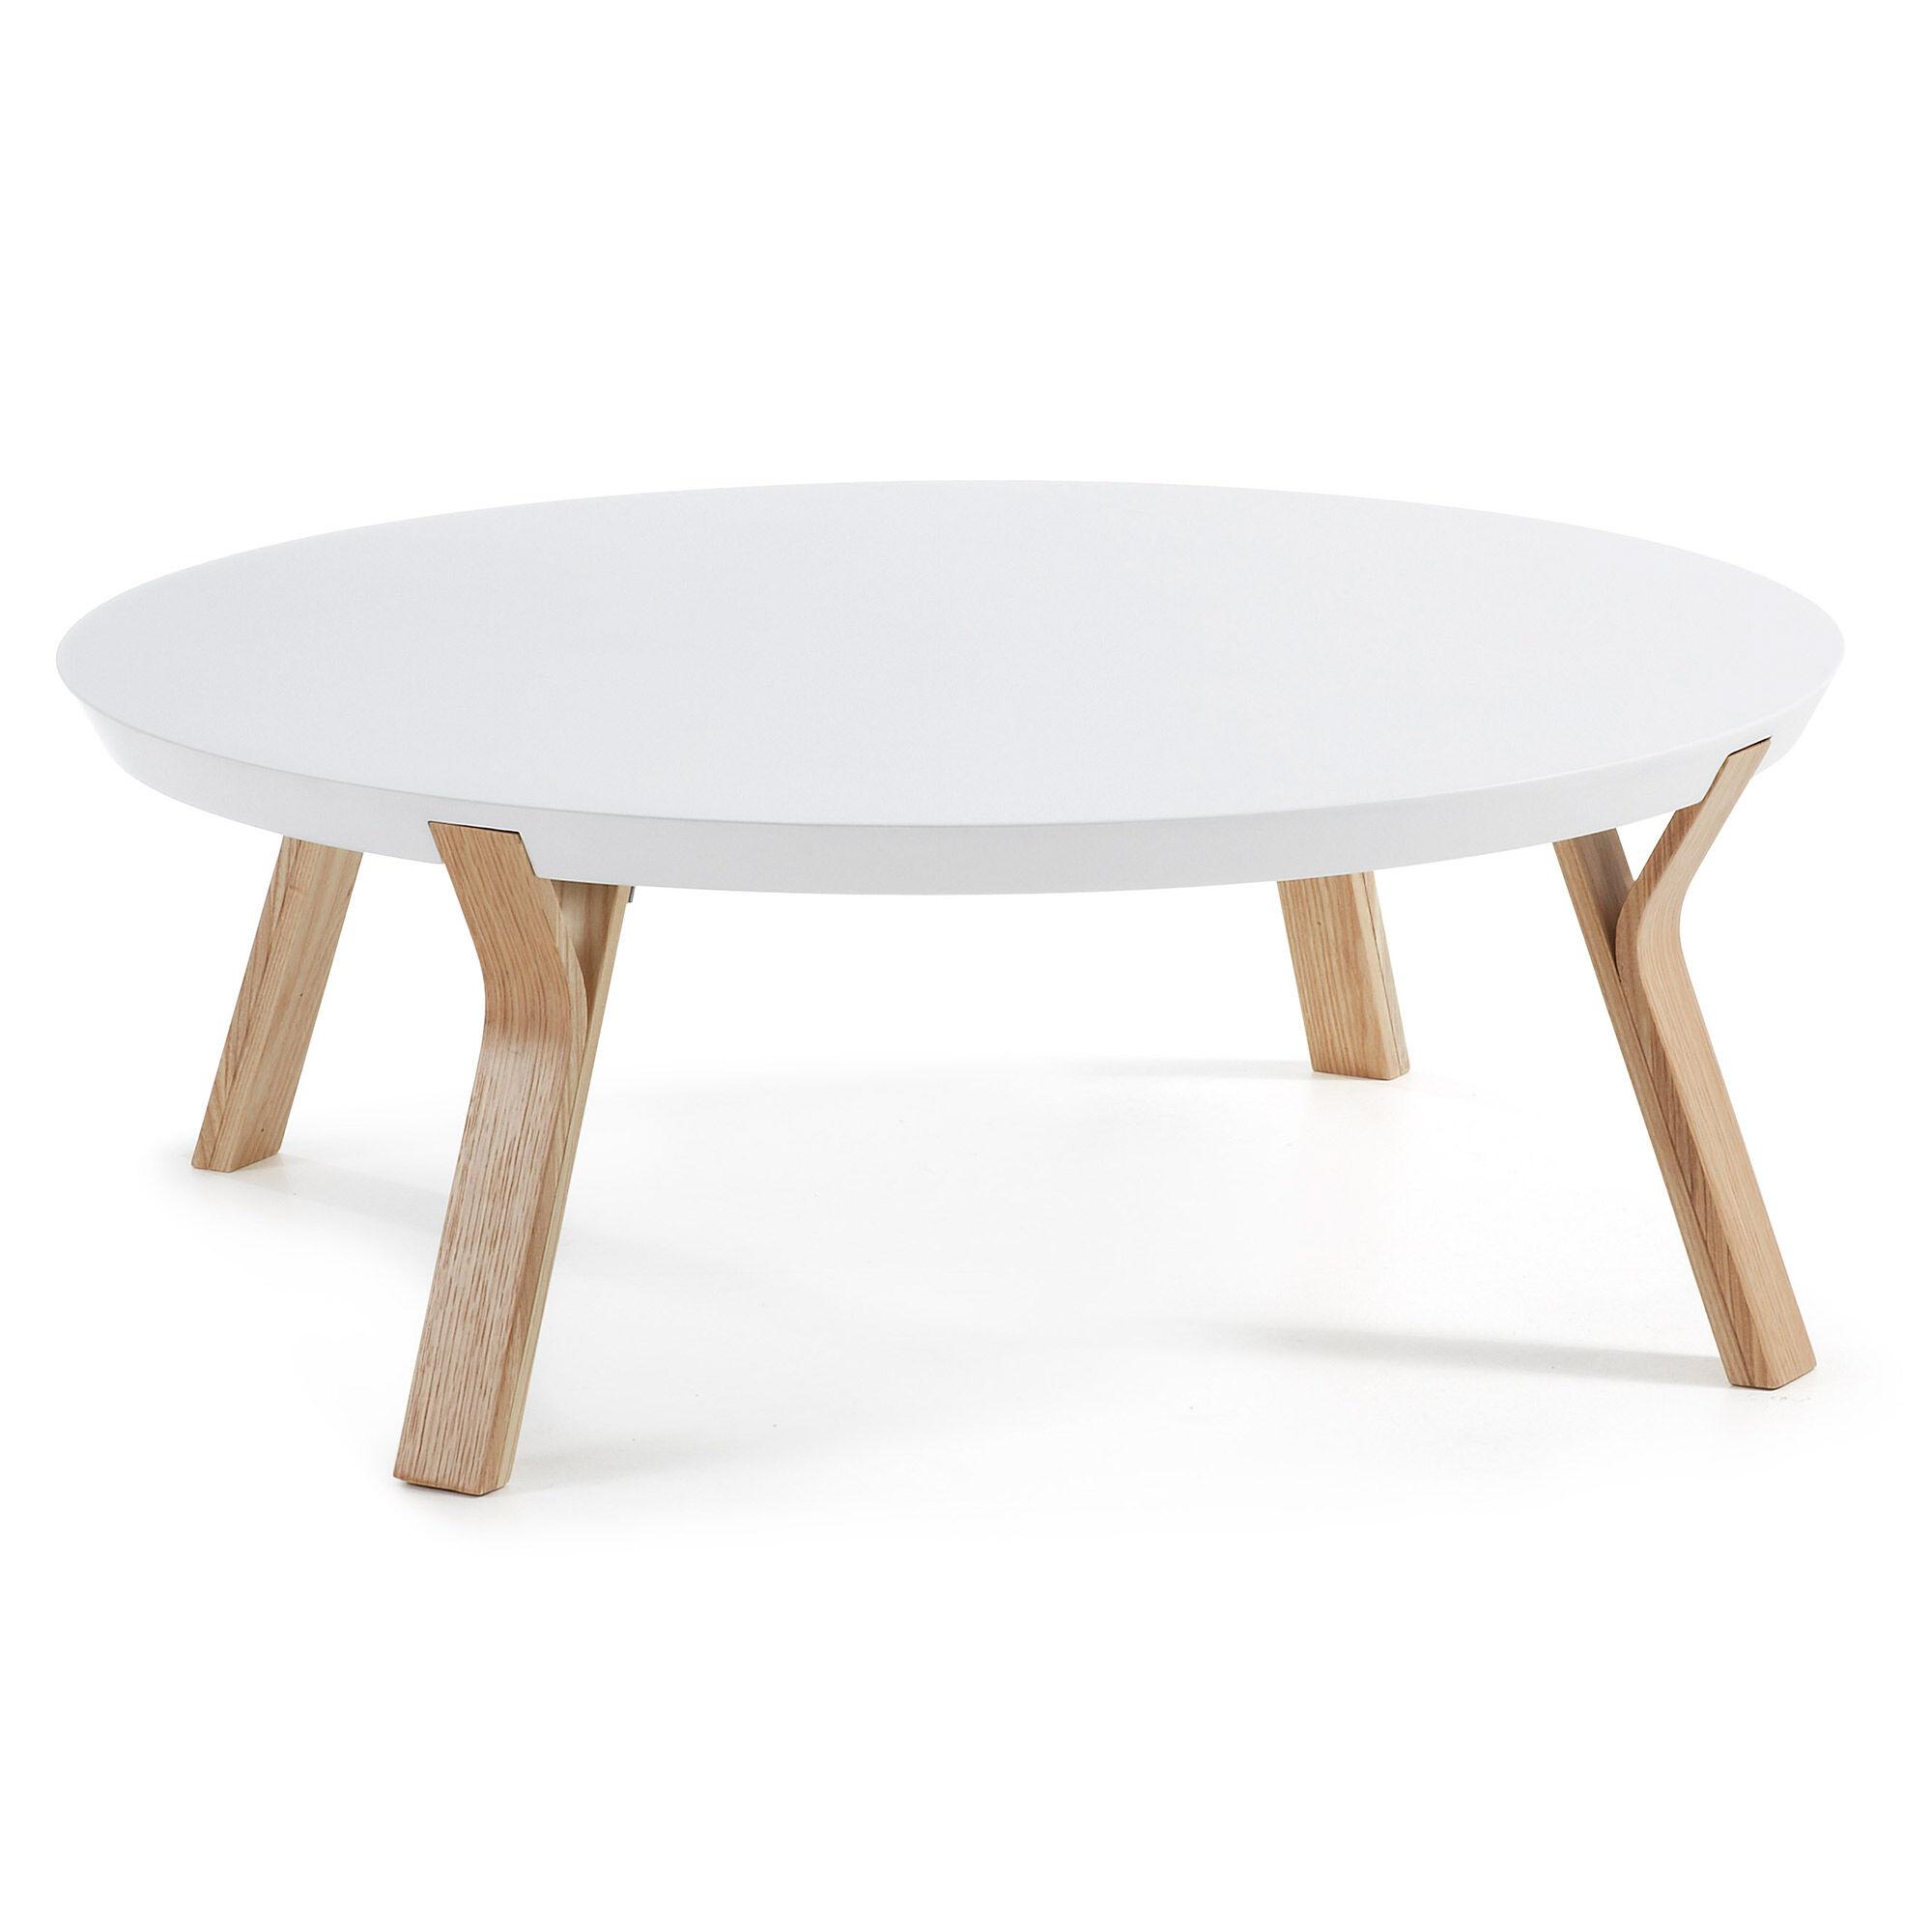 Kave Home Tavolino Dilos Ø 90 cm bianco e frassino